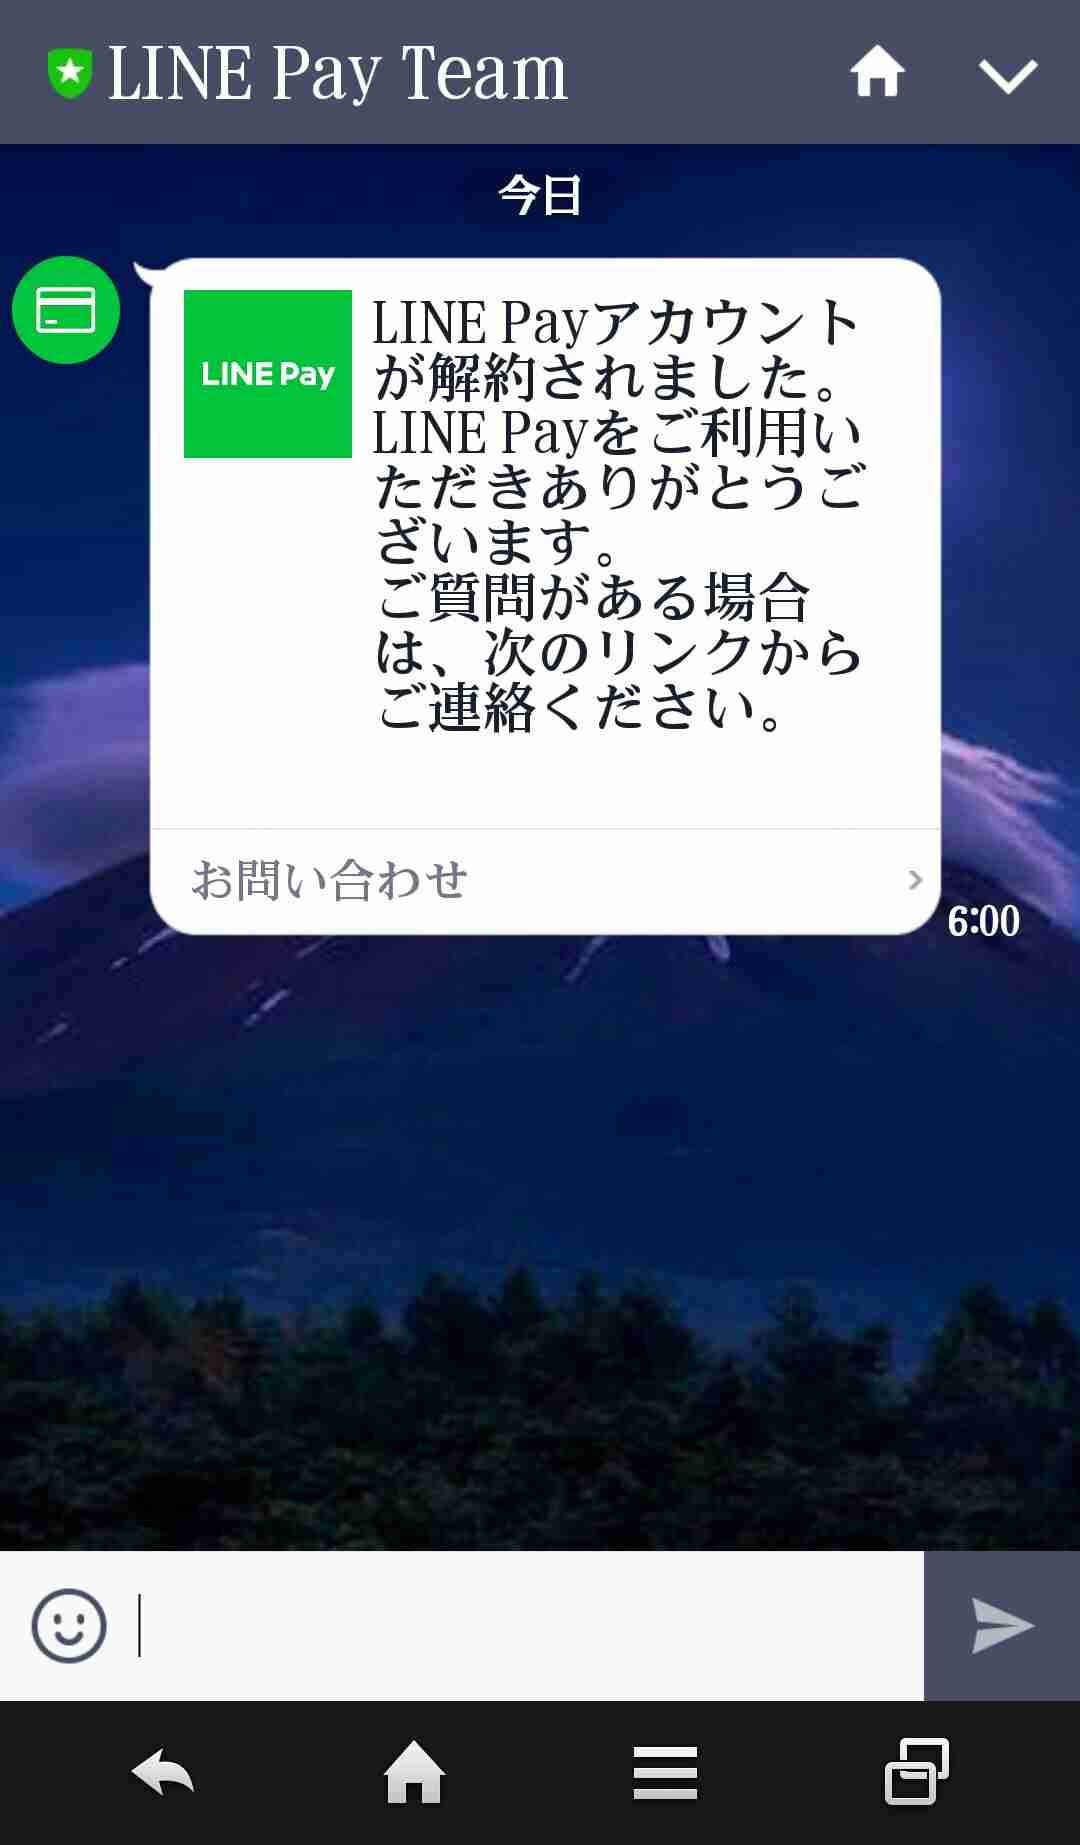 【Line】みどりくじ、どうでしたか